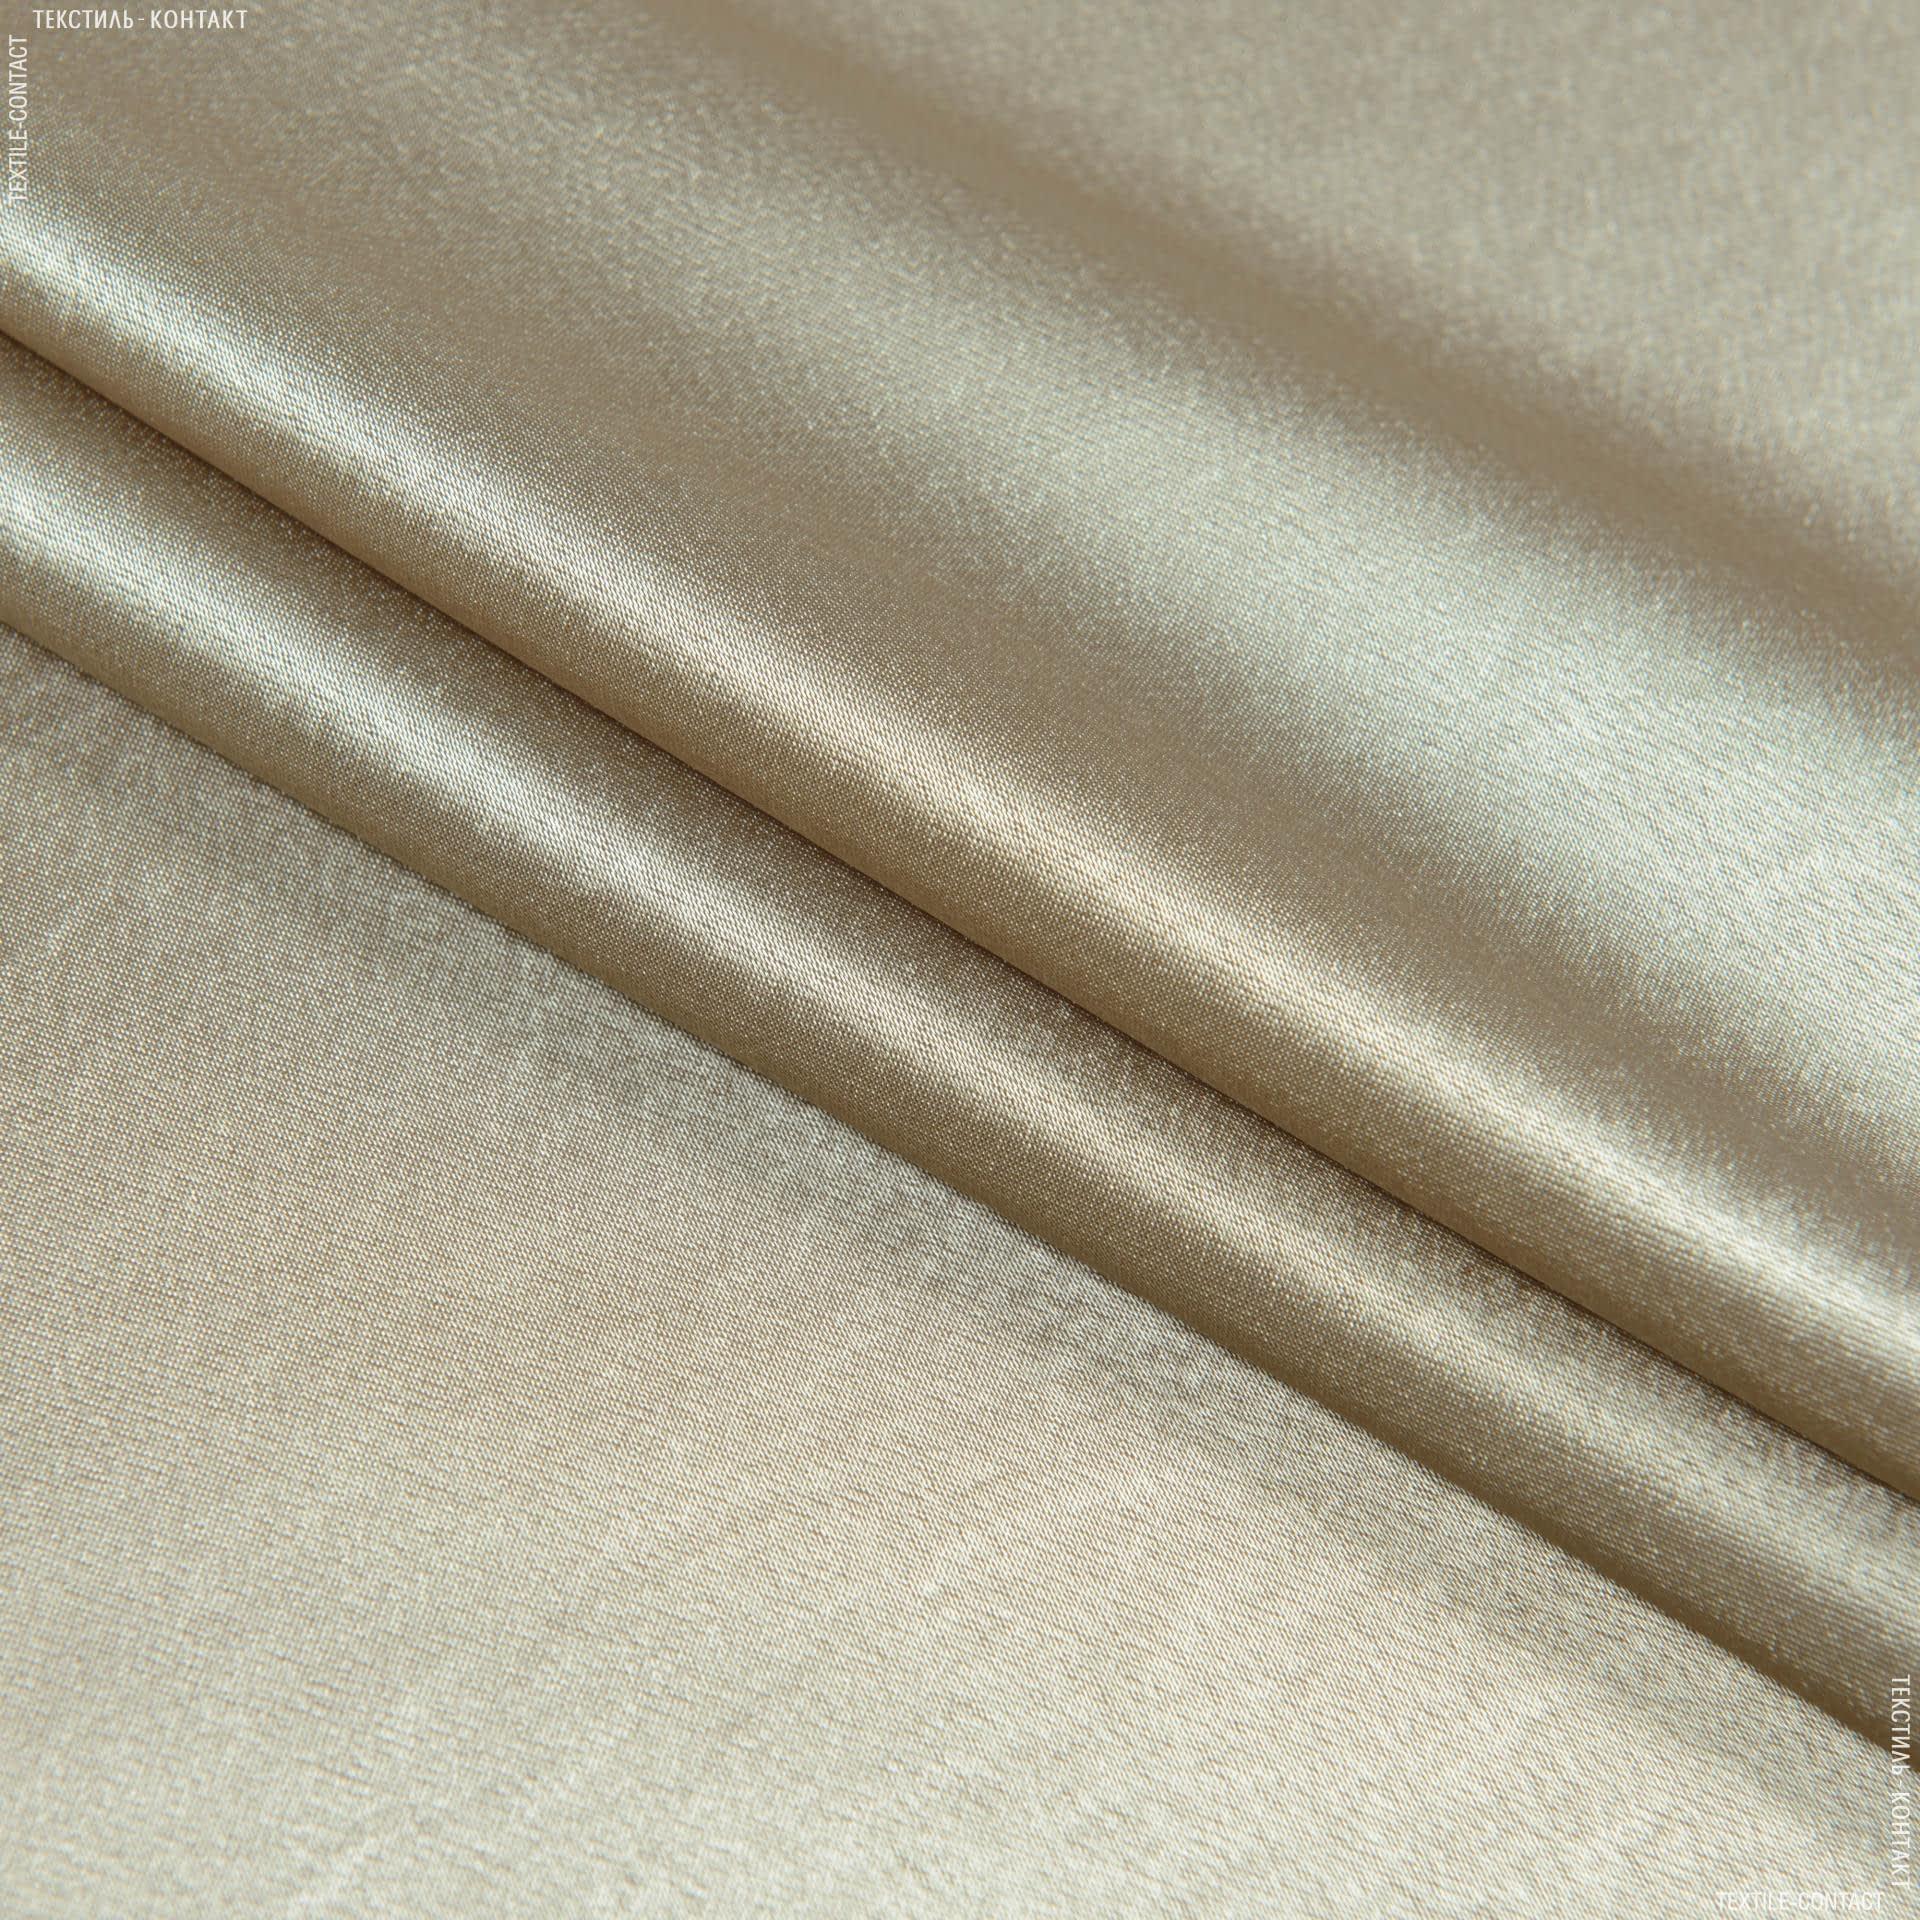 Тканини для суконь - Креп-сатин сіро-бежевий